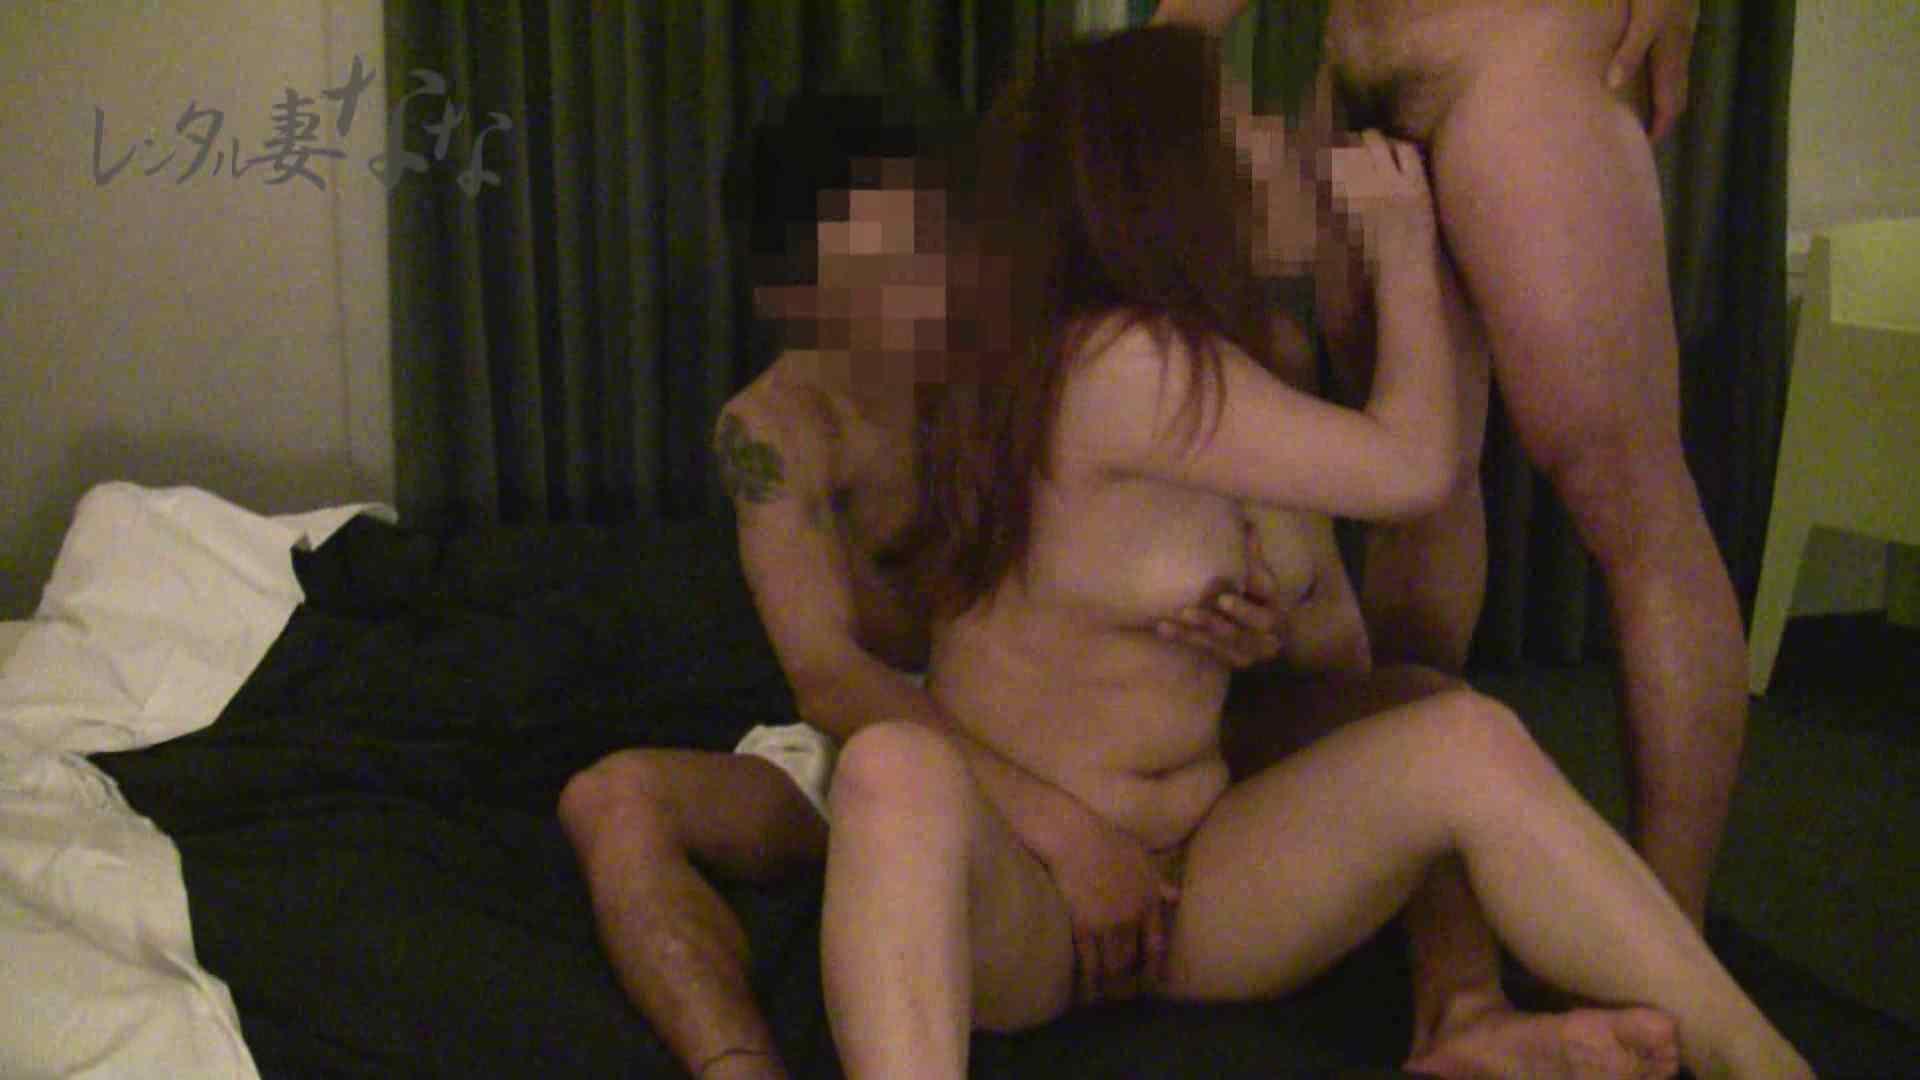 レンタル妻ななのお友達vol.2 セックス映像 隠し撮りオマンコ動画紹介 106枚 23